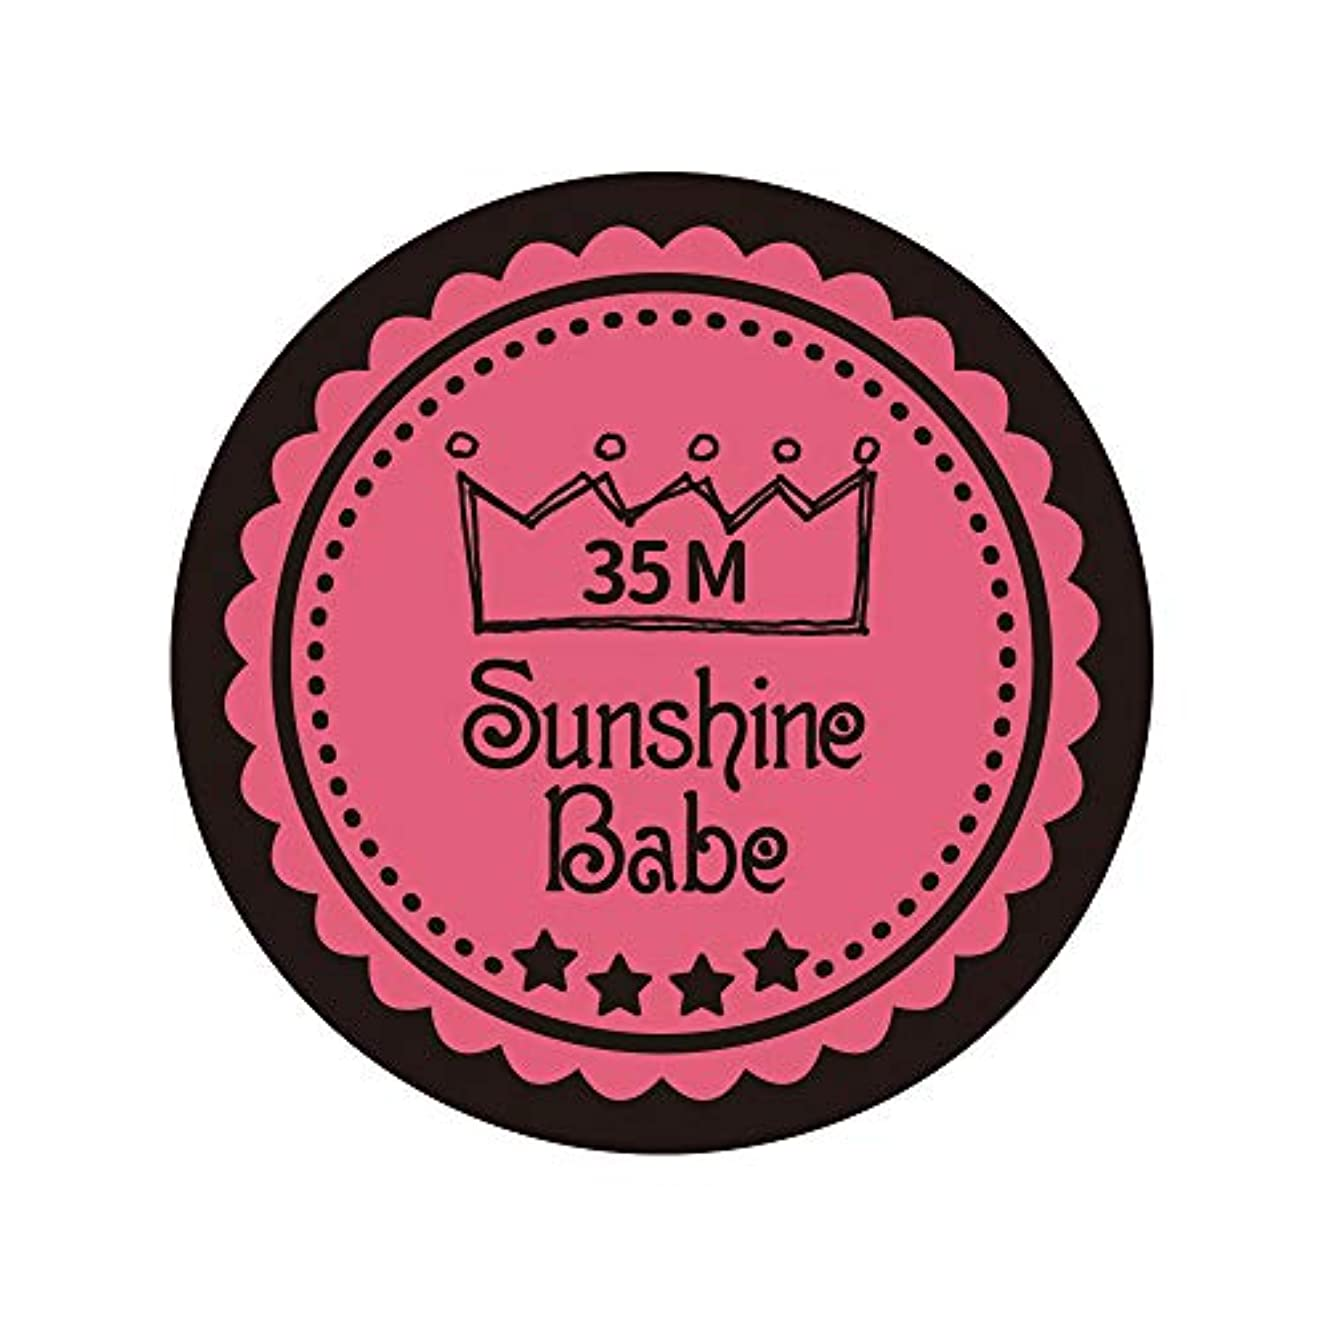 絶滅させる道徳教育険しいSunshine Babe カラージェル 35M ローズピンク 4g UV/LED対応